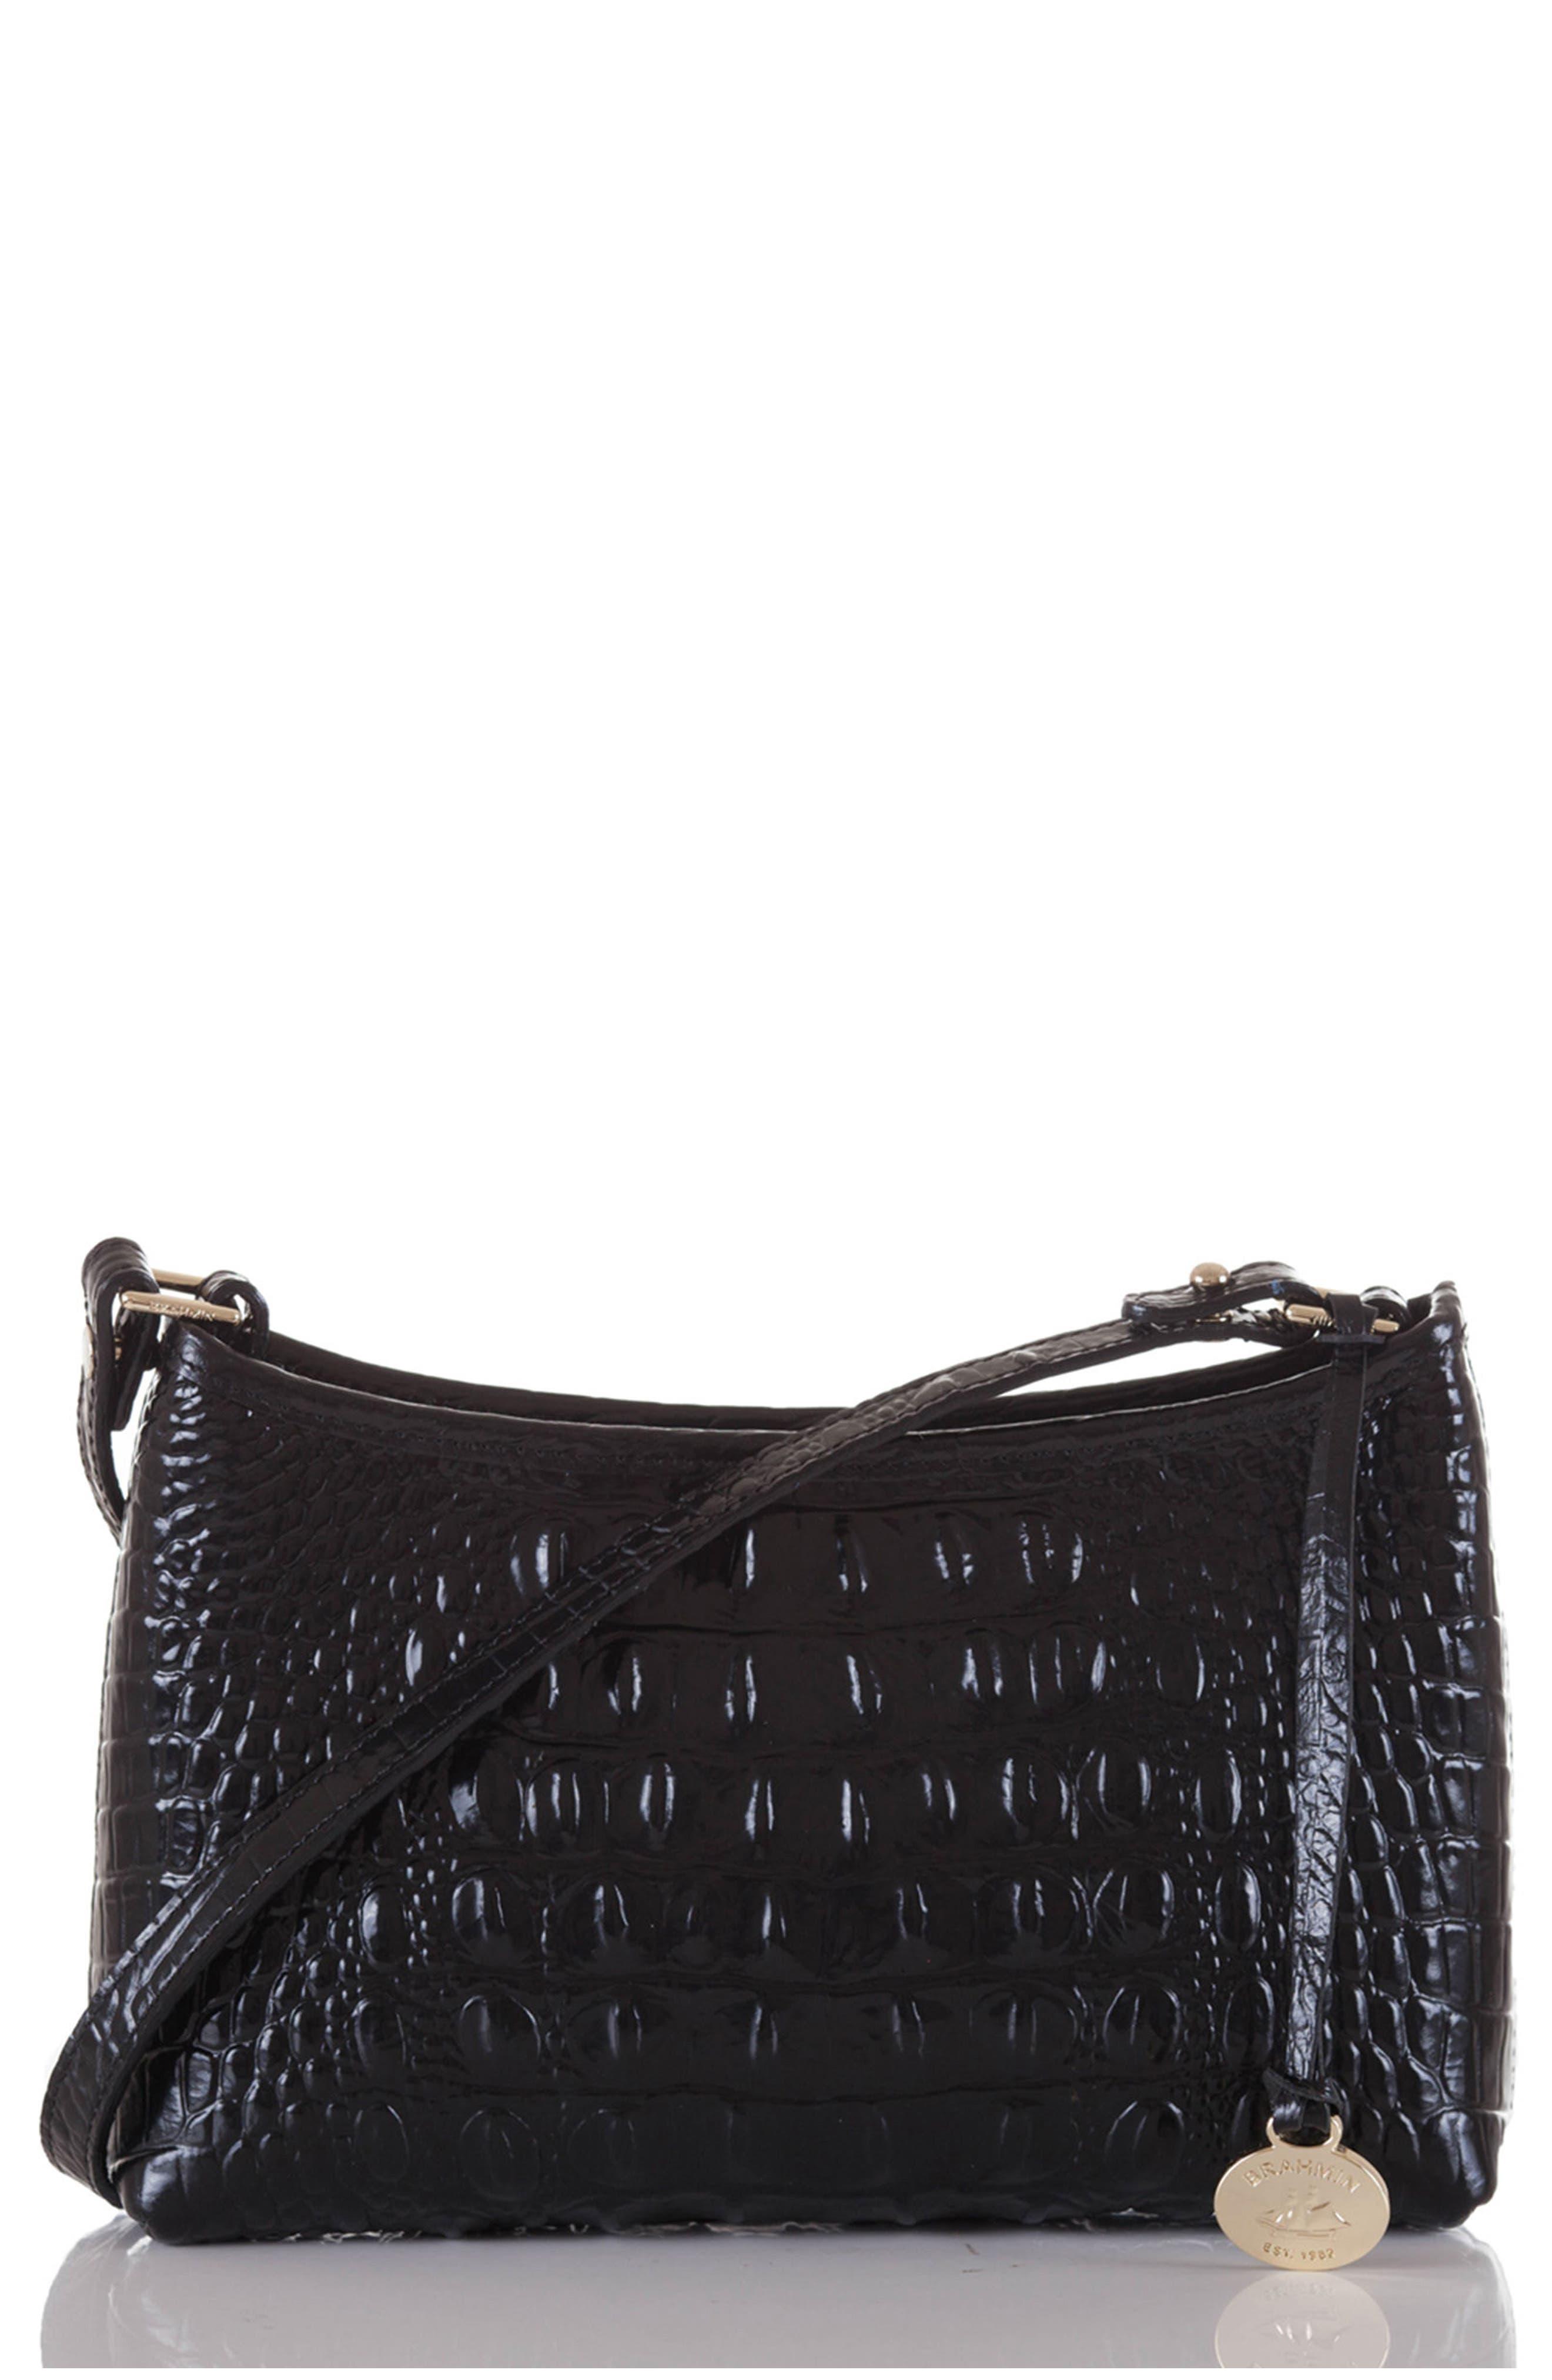 'Anytime - Mini' Convertible Handbag,                         Main,                         color, 001